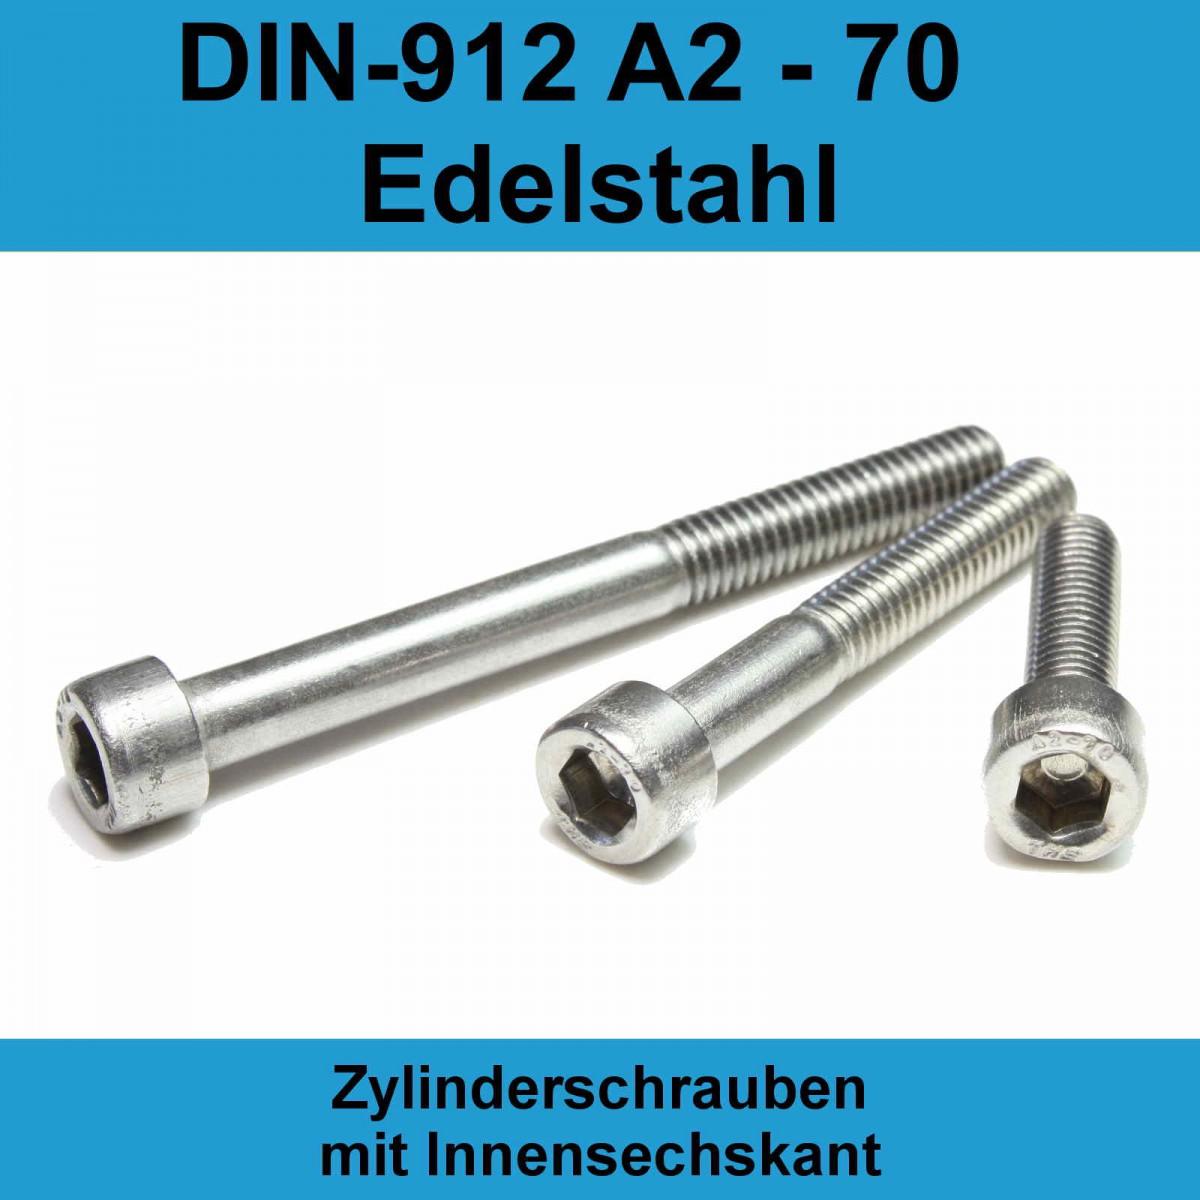 Innensechskantschrauben DIN 912 Edelstahl V4A M6 verschiedene Längen A4